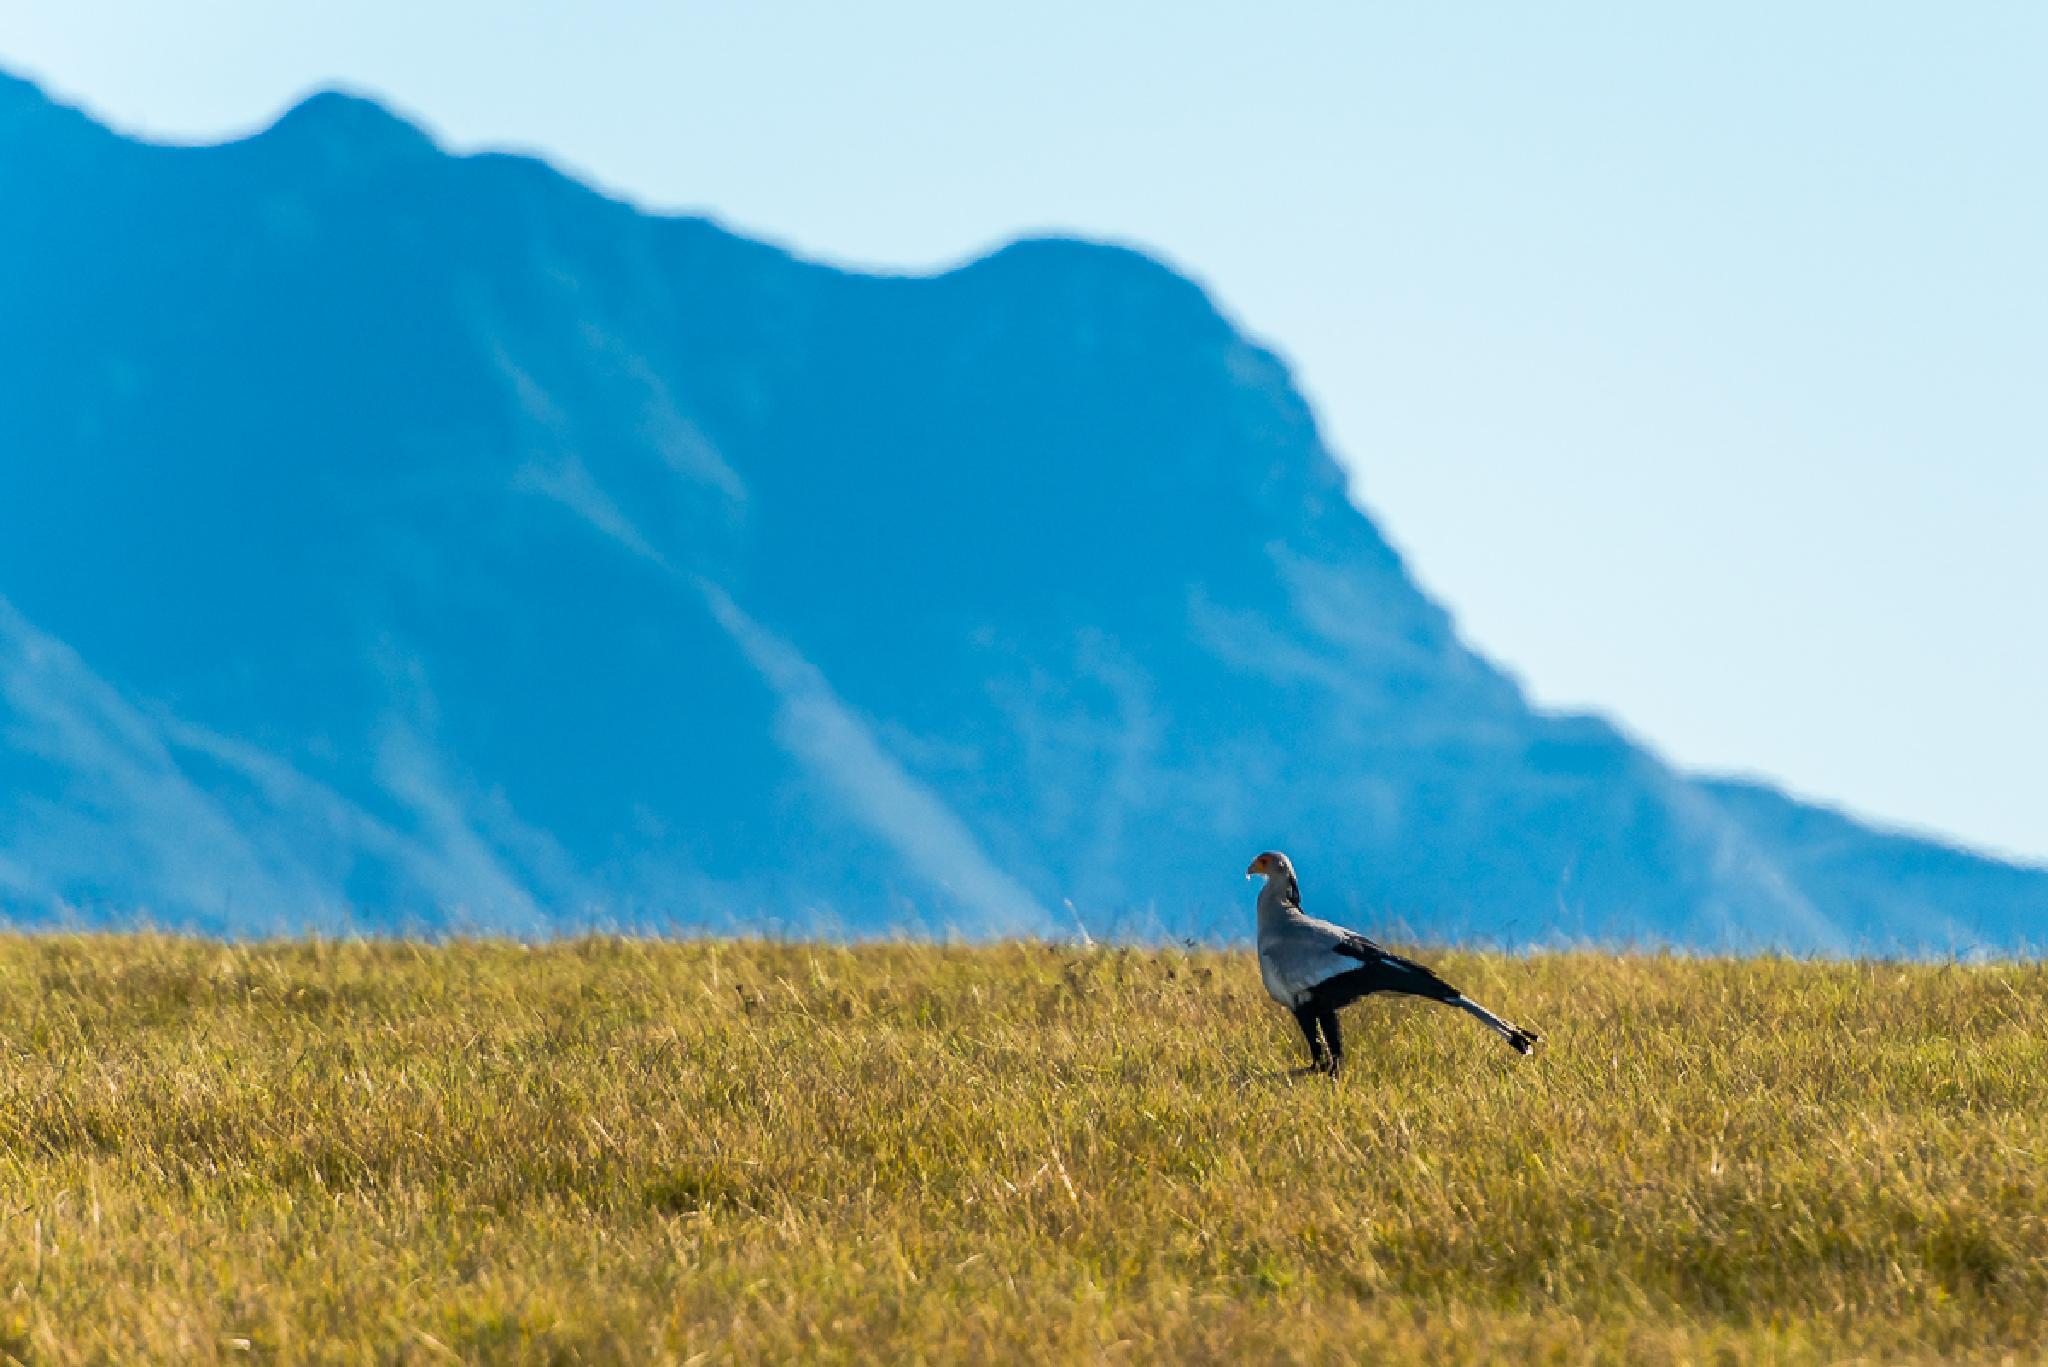 Secratary bird by Joggie van Staden